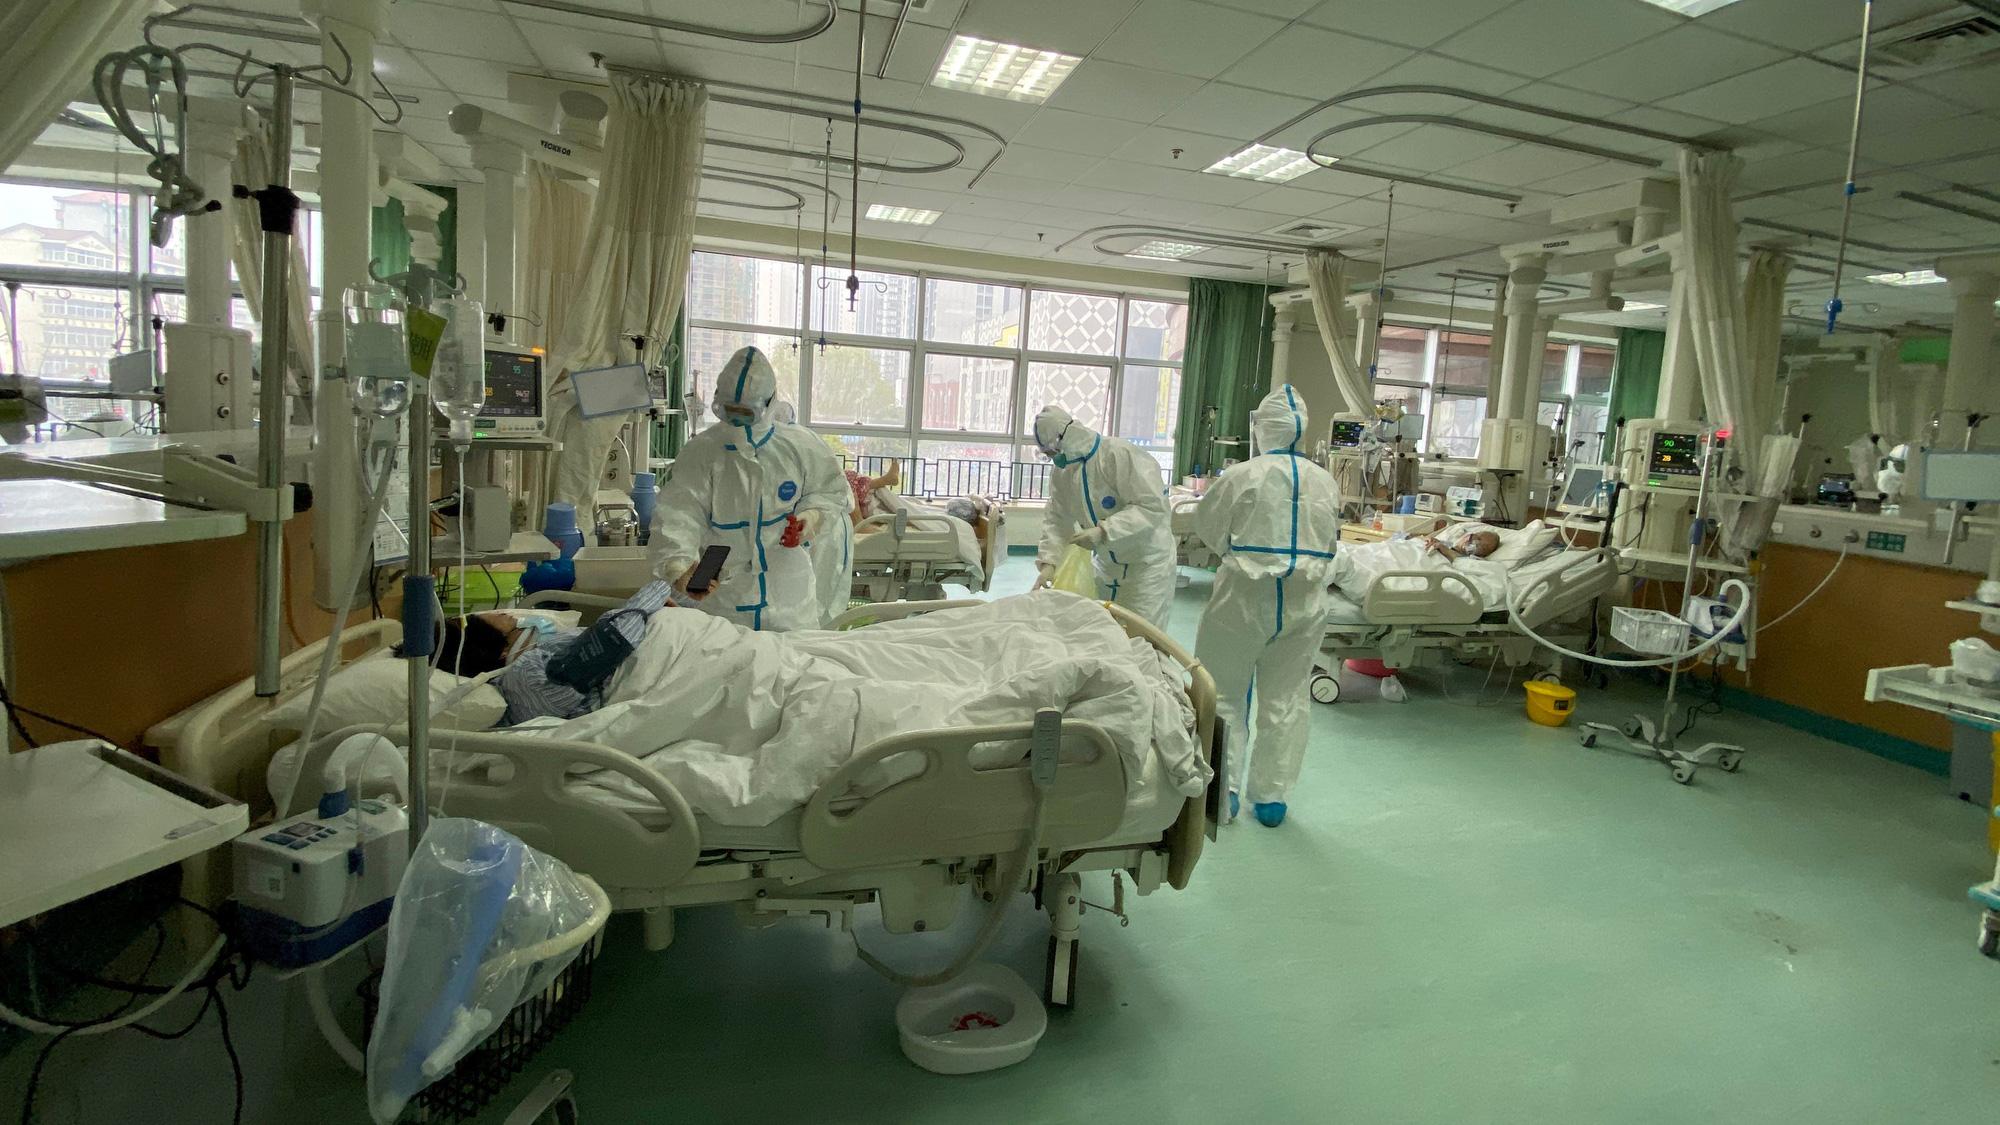 Ca nhiễm virus corona đầu tiên không hề liên quan đến chợ hải sản Vũ Hán, các nhà khoa học Trung Quốc tiết lộ đáng sợ về rủi ro lây nhiễm của loại virus này - Ảnh 1.